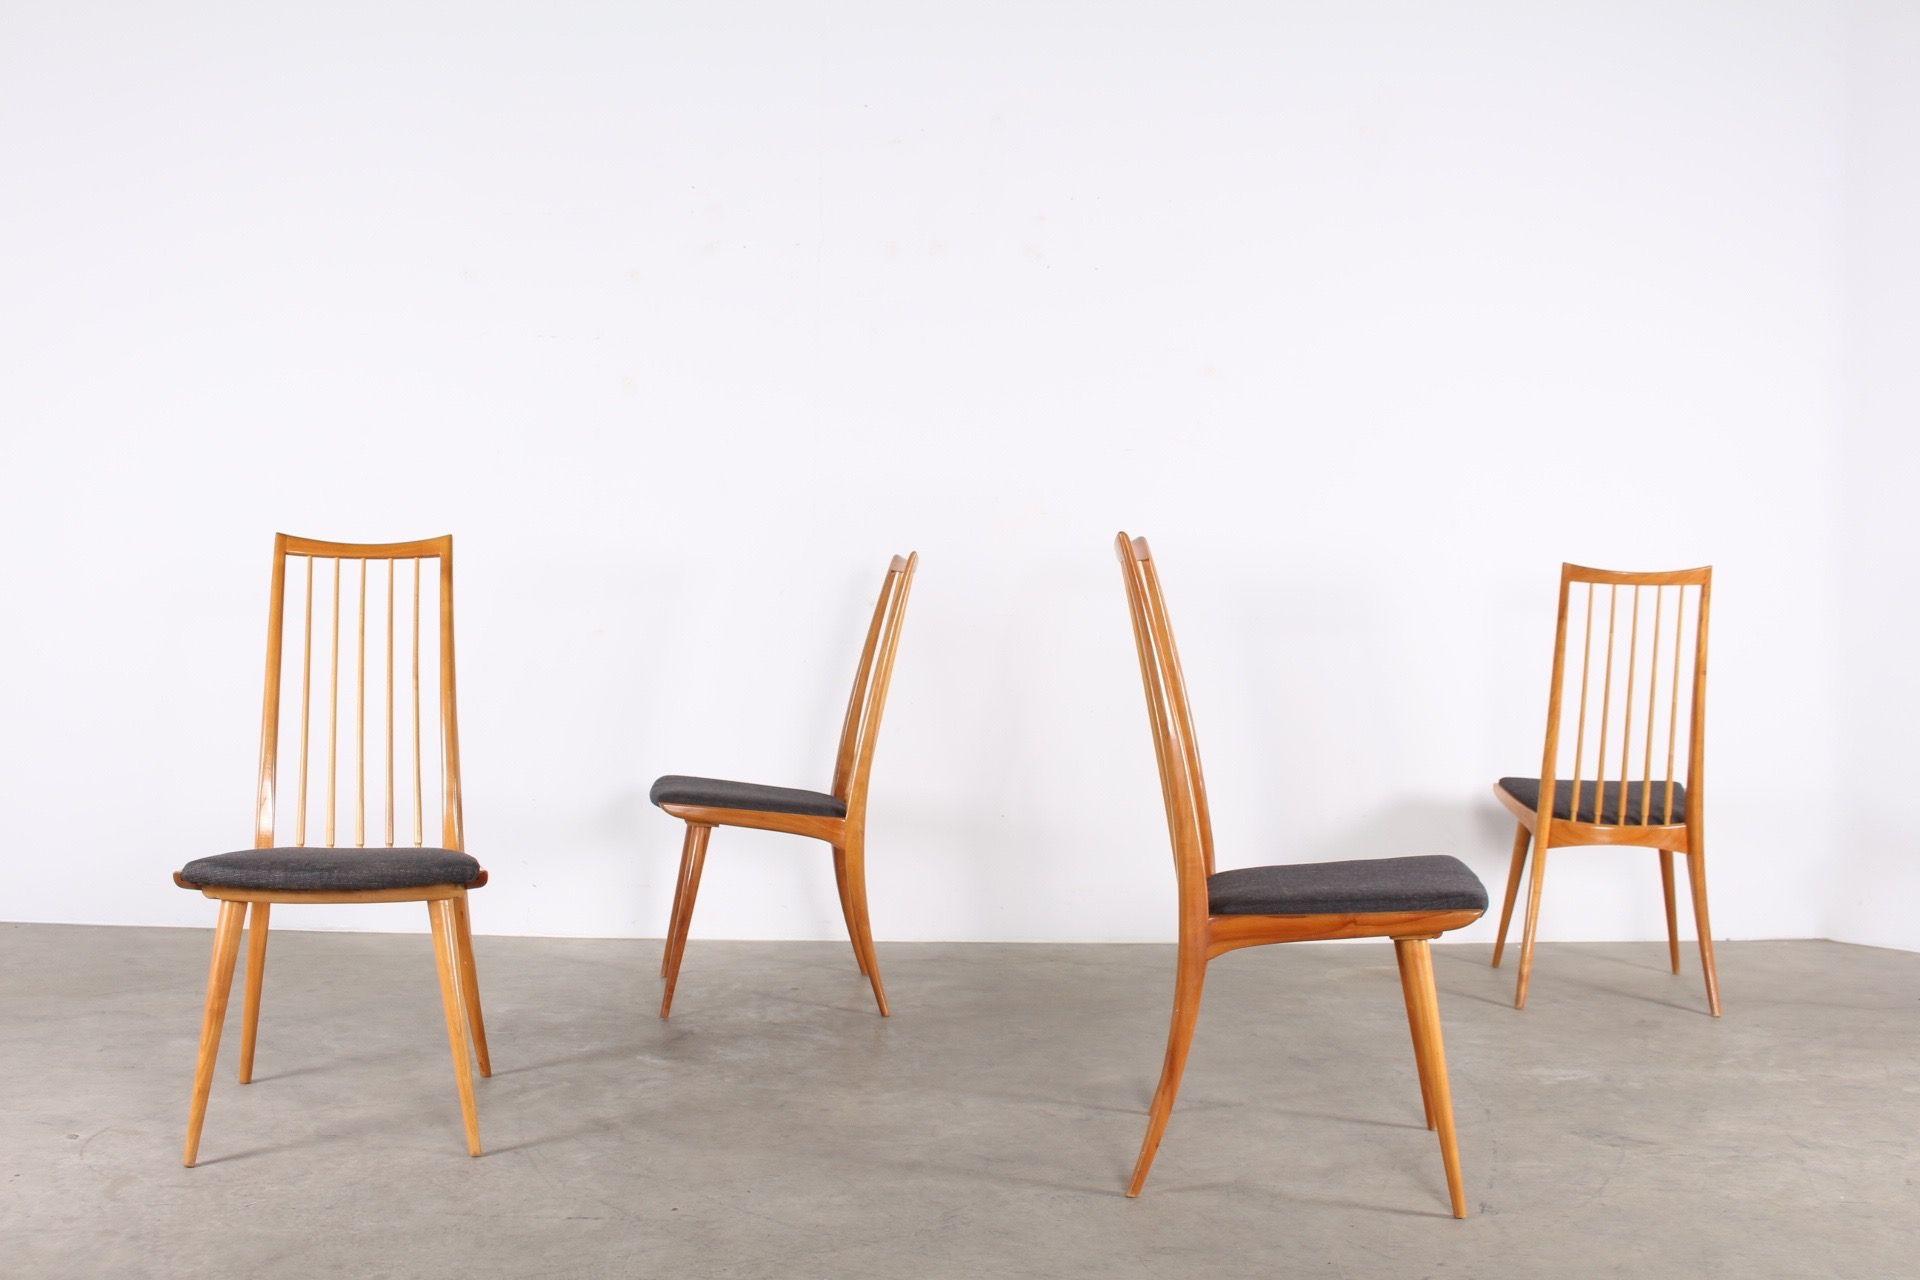 Chaise Vintage Design Scandinave Mid Century Modern Danemark A Liege